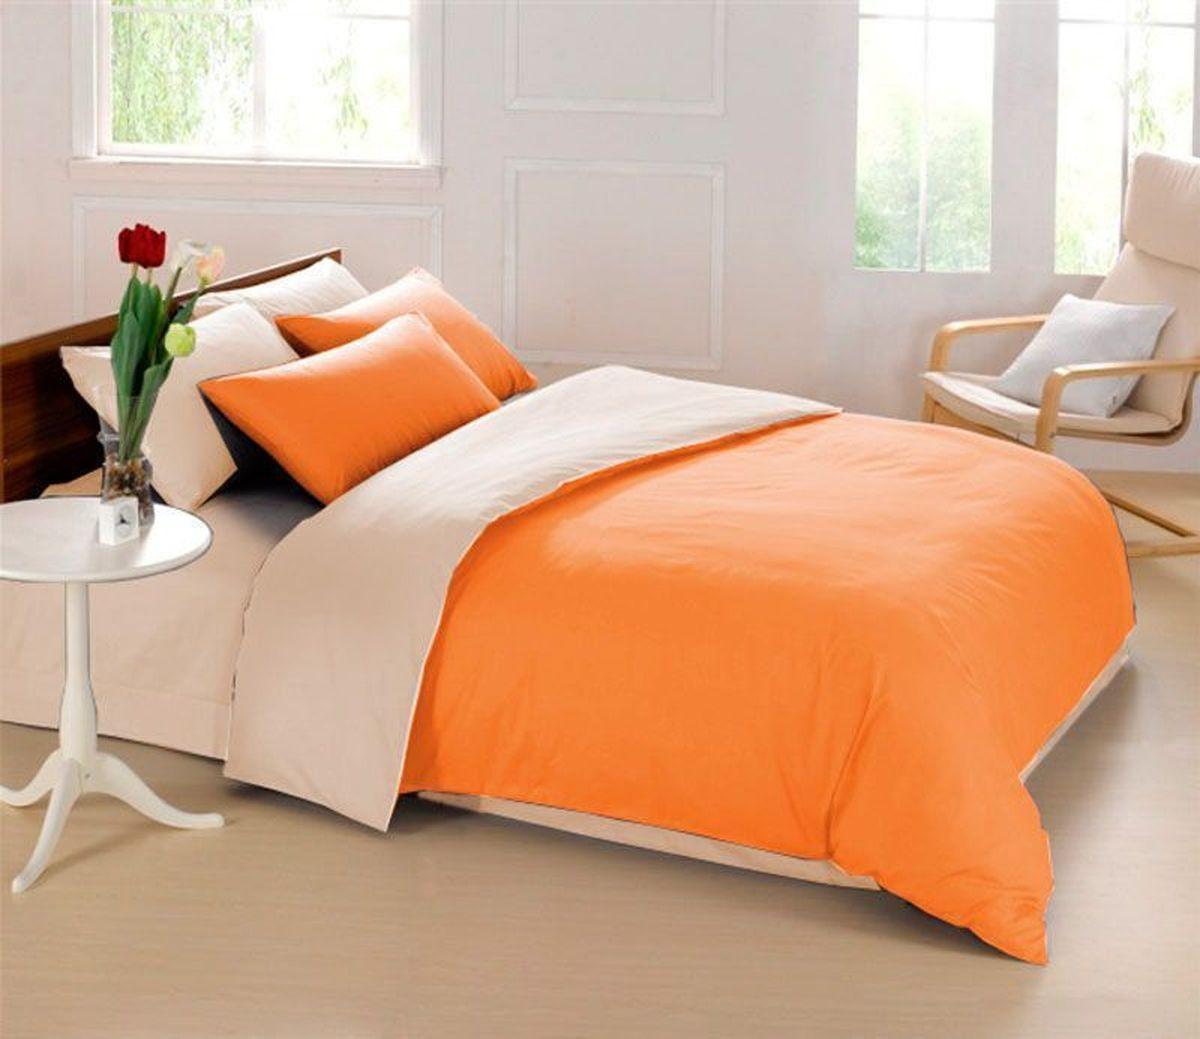 Комплект белья Sleep iX Perfection, семейный, наволочки 50х70, 70х70,цвет: оранжевый, бежевыйpva215421Комплект постельного белья Sleep iX Perfection состоит из двух пододеяльников, простыни и четырех наволочек. Предметы комплекта выполнены из абсолютно гипоаллергенной микрофибры, неприхотливой в уходе.Благодаря такому комплекту постельного белья вы сможете создать атмосферу уюта и комфорта в вашей спальне.Известно, что цвет напрямую воздействует на психологическое и физическое состояние человека. Оранжевый – вызывает ощущение теплоты, бодрости, веселья, создает хорошее настроение. Оранжевый омолаживает, возбуждает аппетит, способствует оптимистическому настрою и гармонии с окружающей средой.Бежевый – обладает внутренней теплотой, заряжает положительной энергетикой и способствует формированию душевной гармонии. Человек ощущает себя в окружении бежевого цвета очень спокойно.